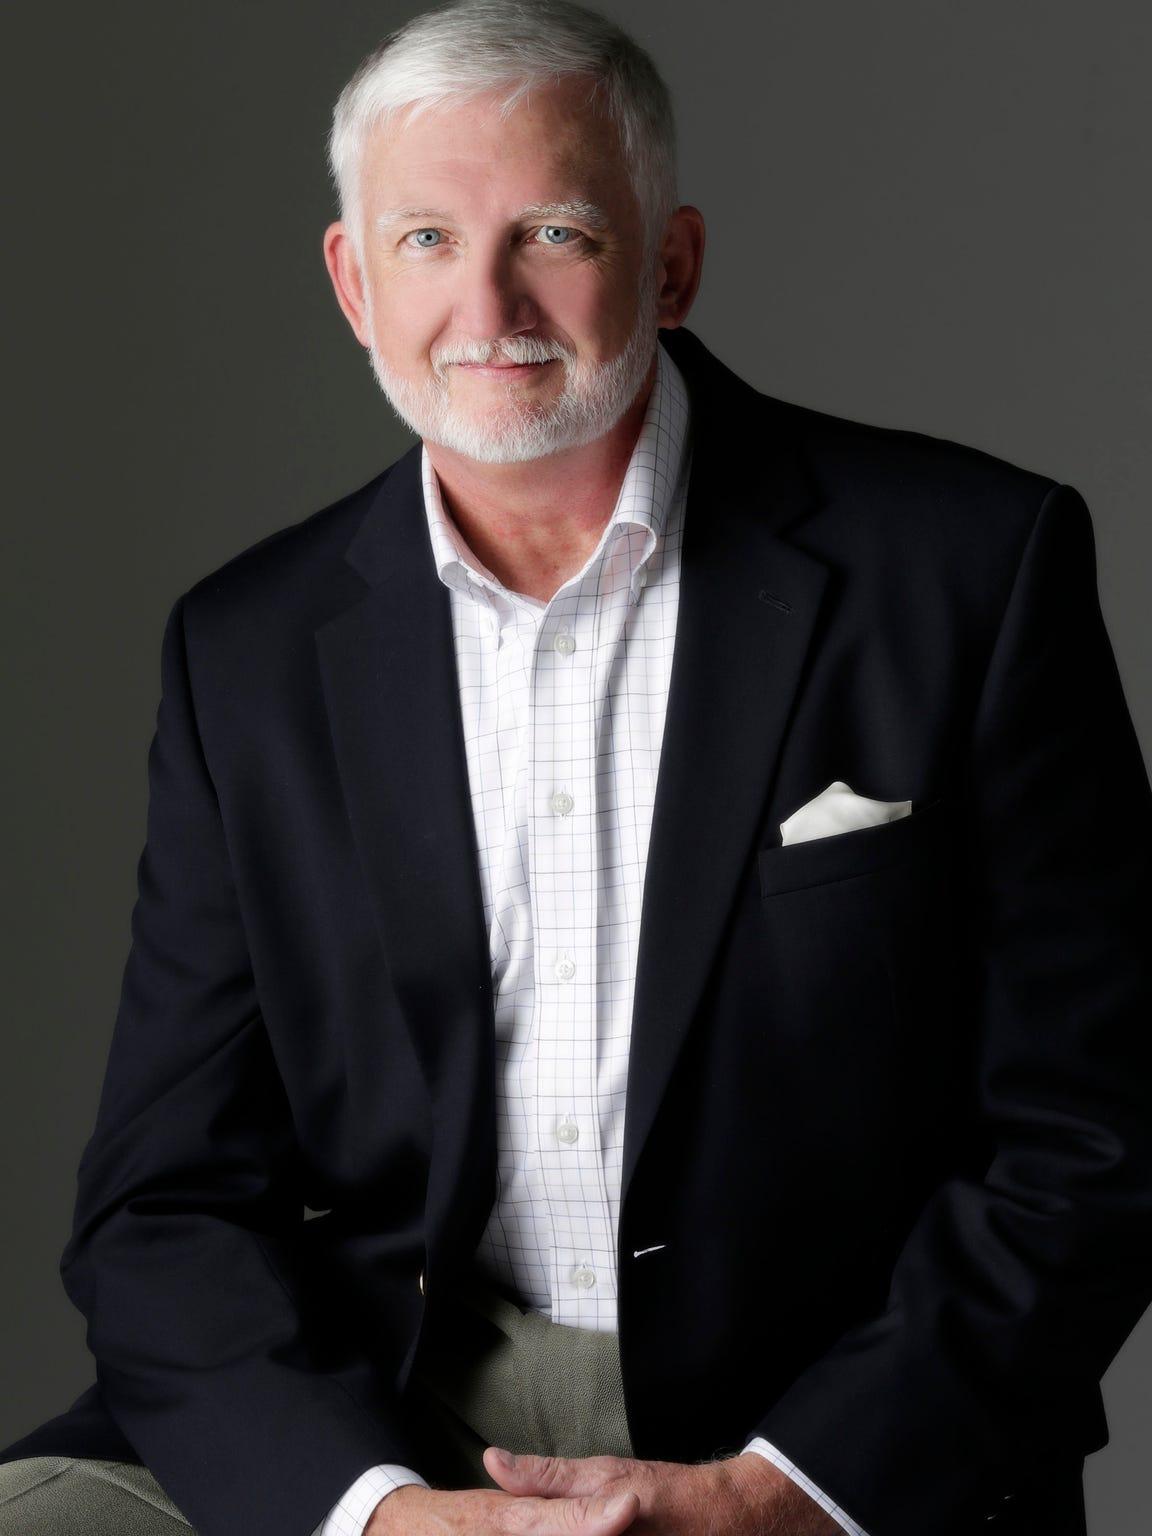 Buck Van Hooser has worked in sales, management, marketing